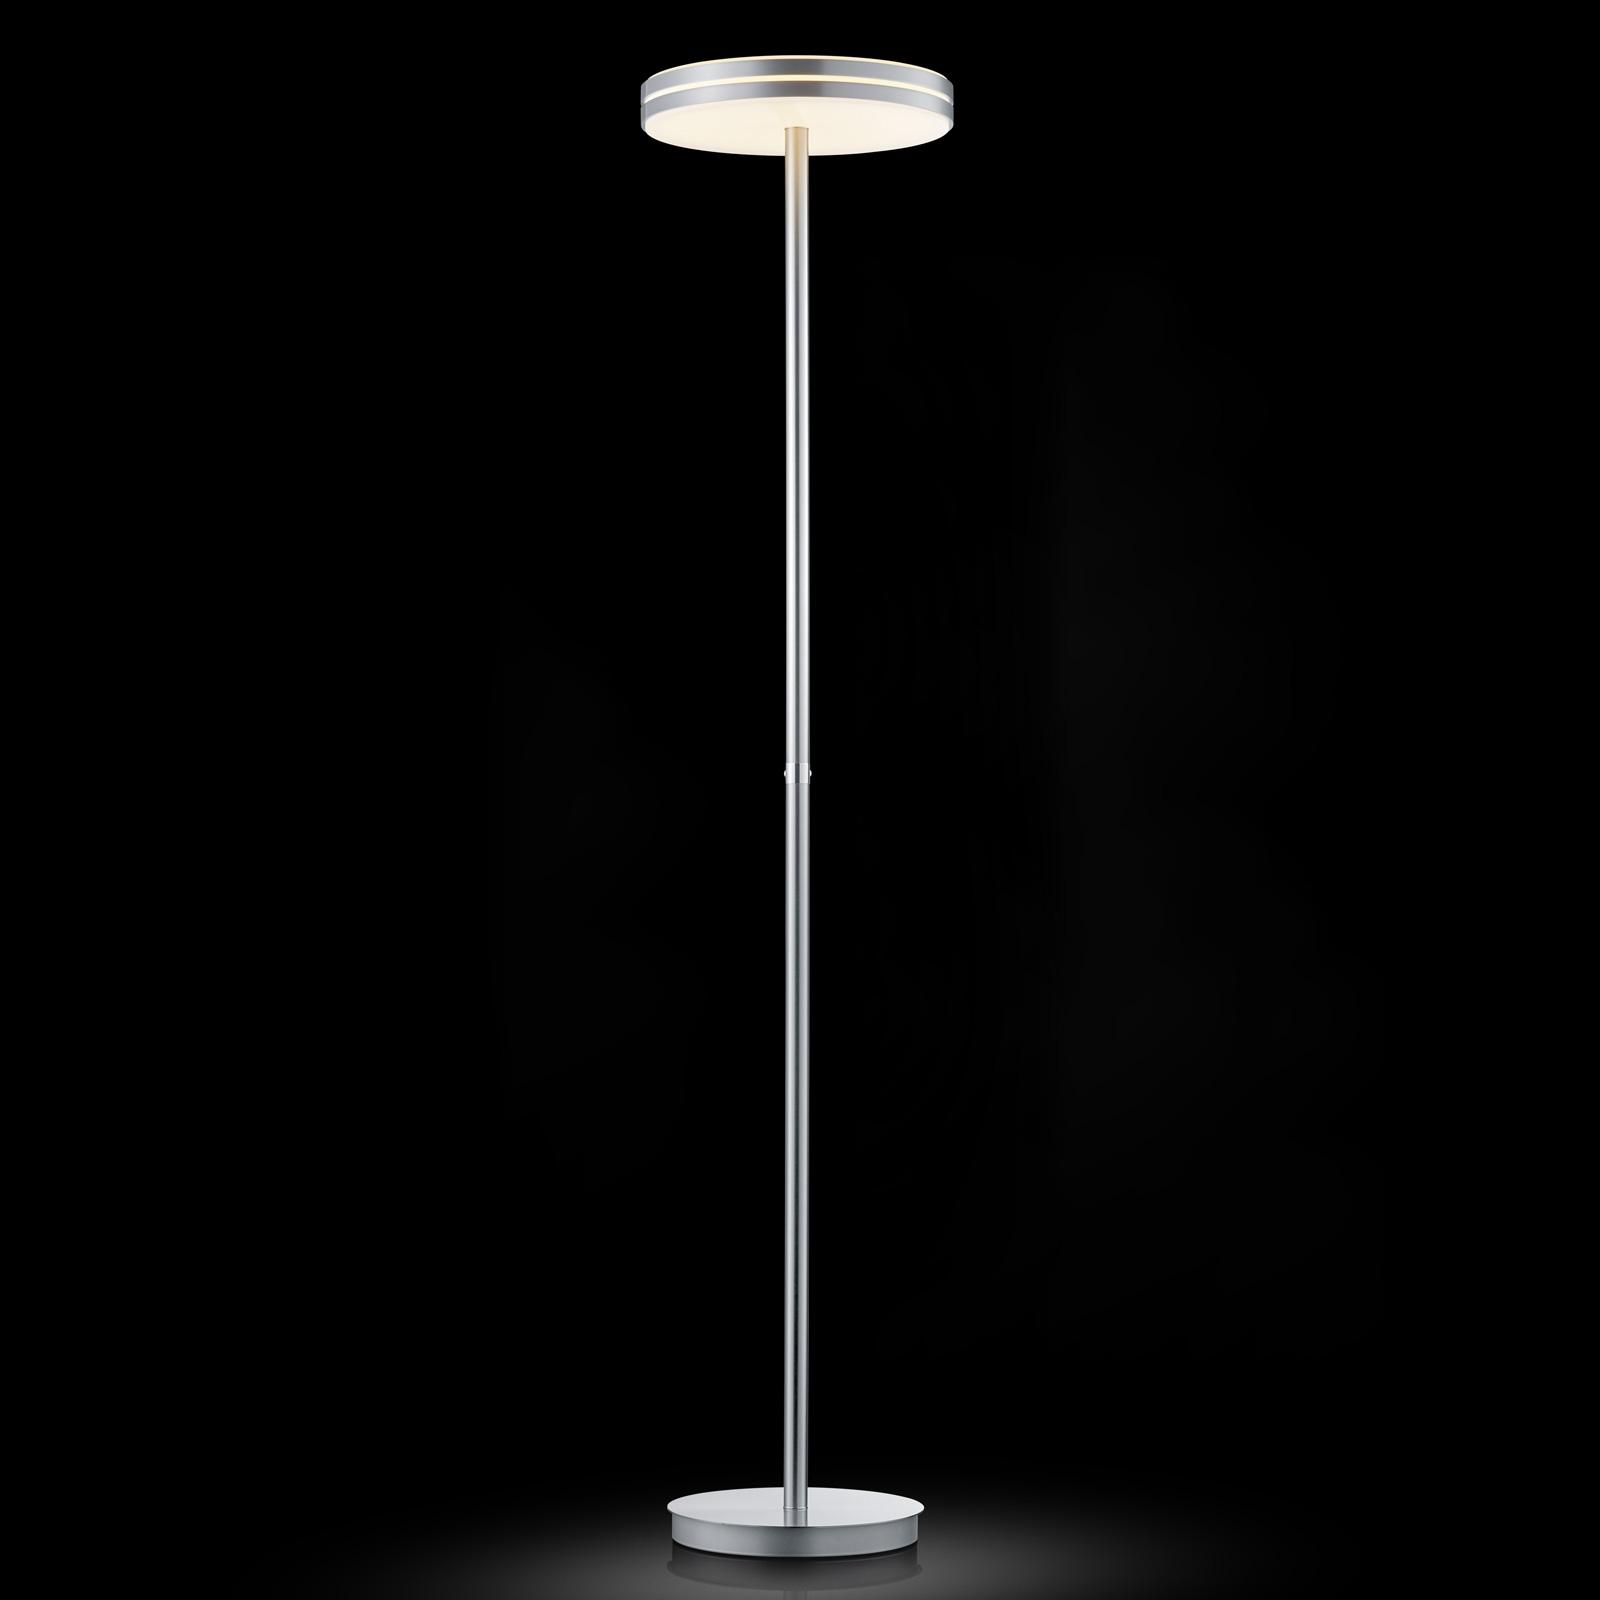 BANKAMP Gem LED vloerlamp met touchdimmer